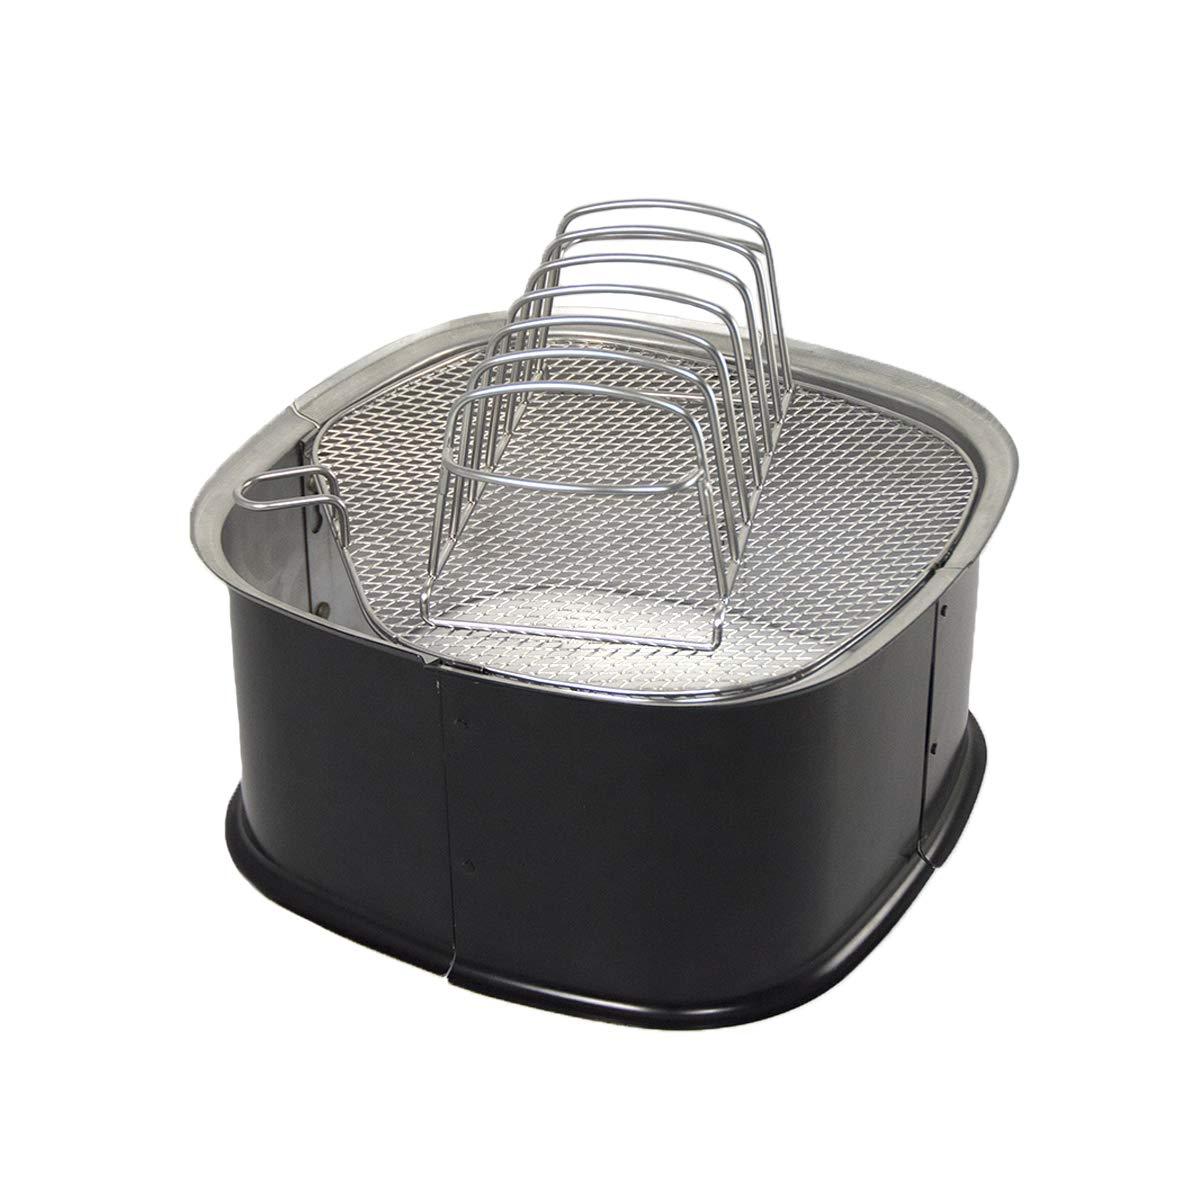 Charcoal Companion CC5174 Smoker Accessory, Black/Silver